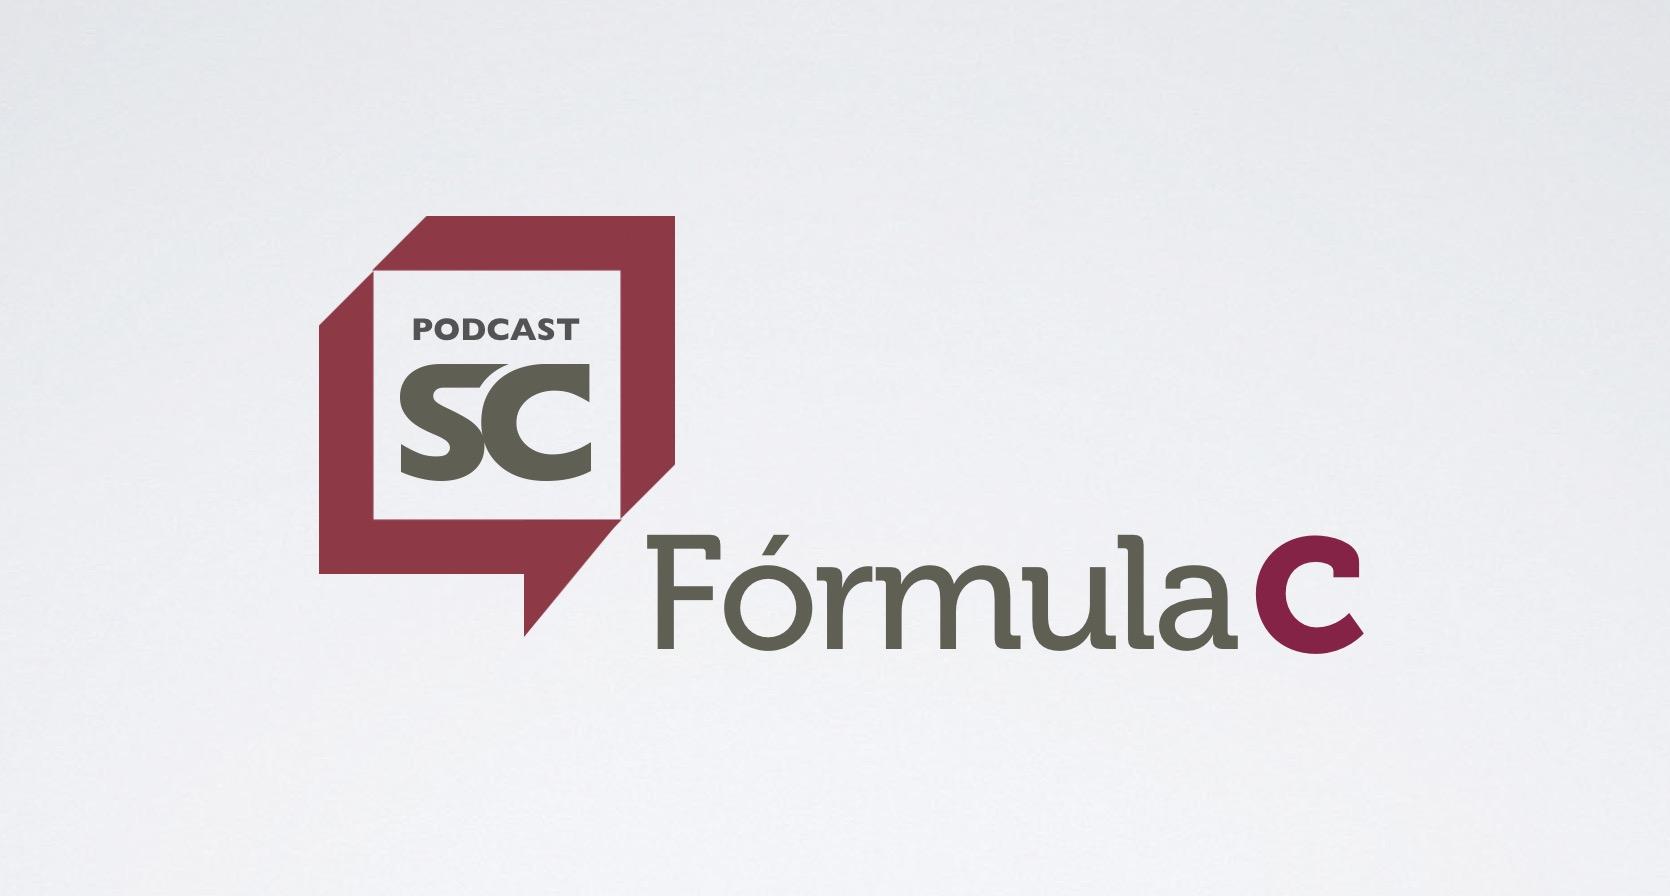 Portada PodcastSC FormulaC